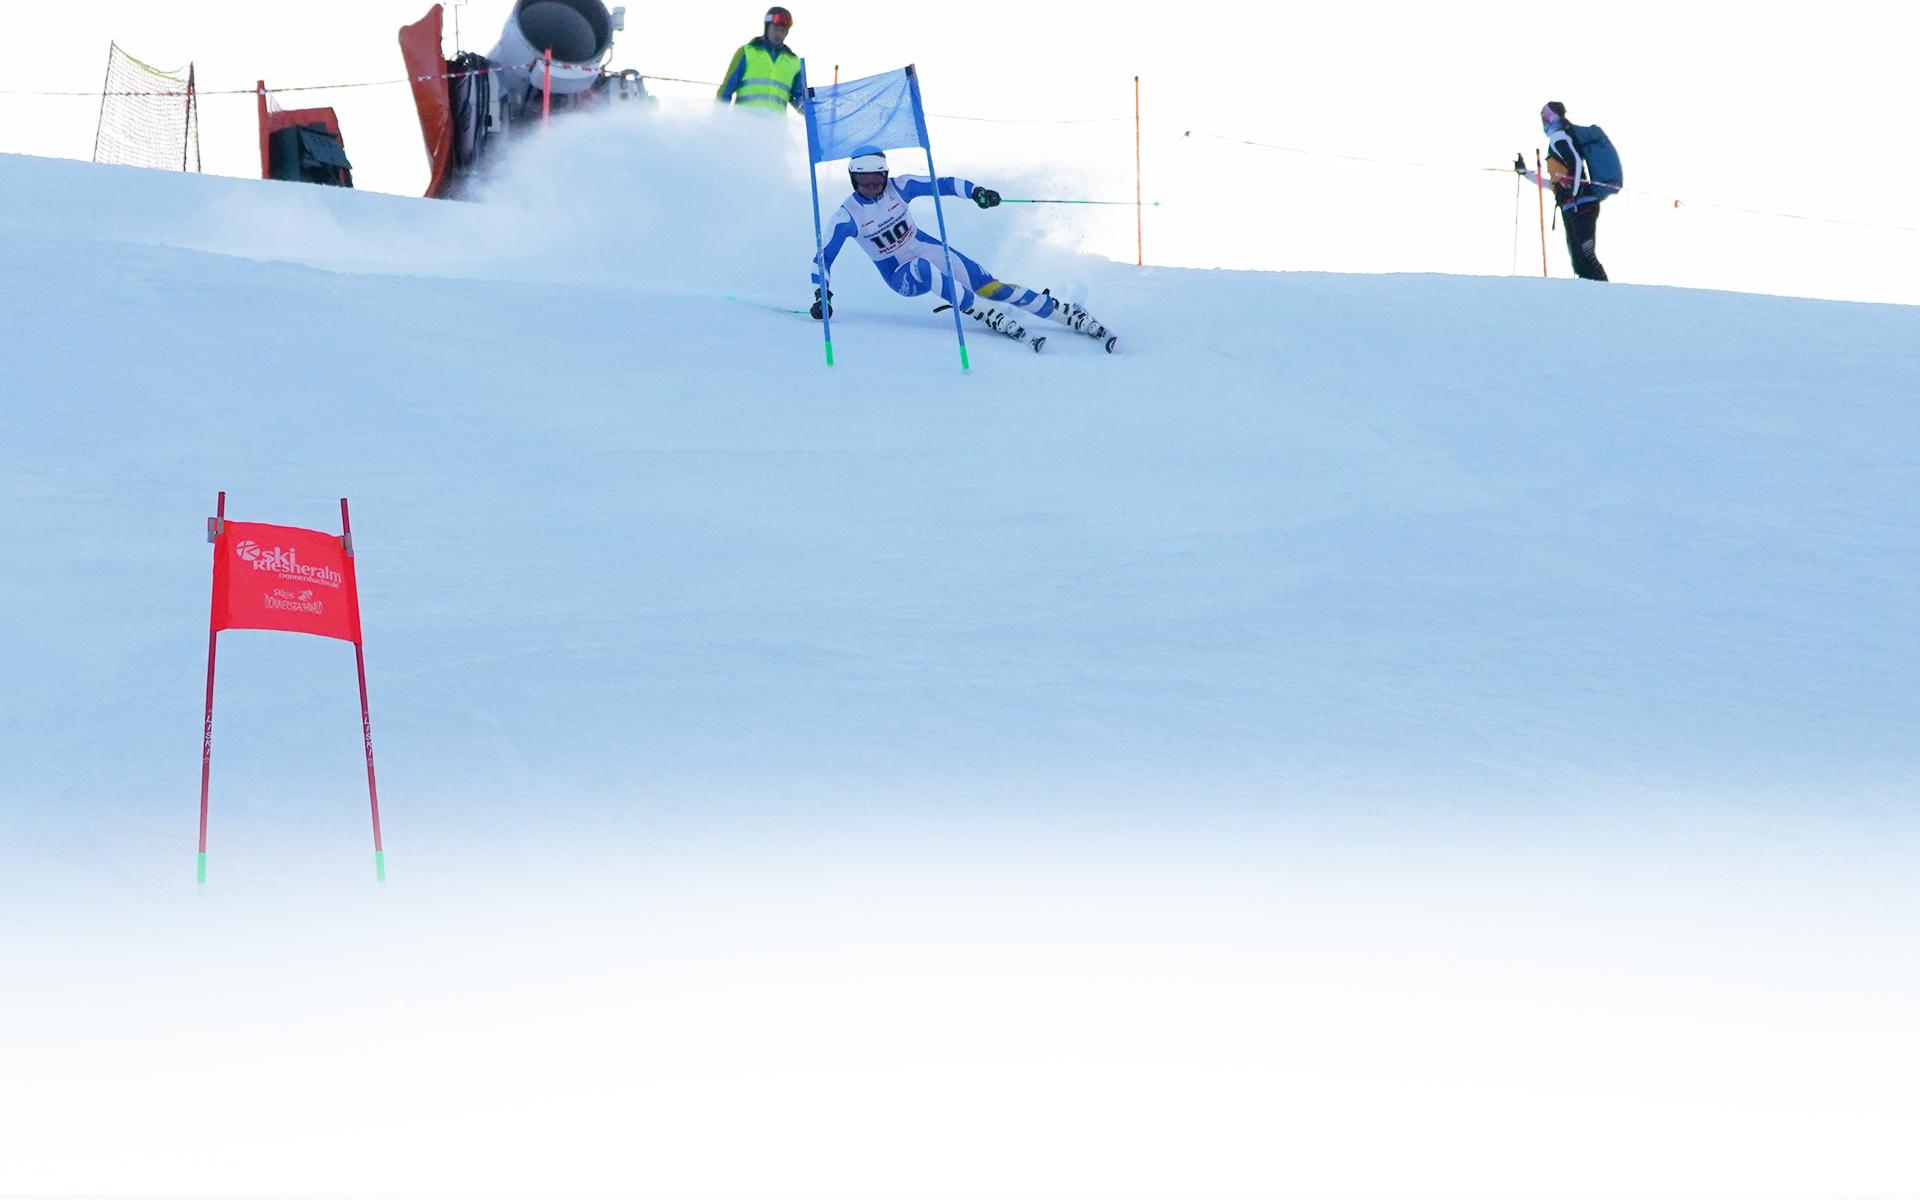 Slideshow-mit-verlauf-2019_Winter_Race-1